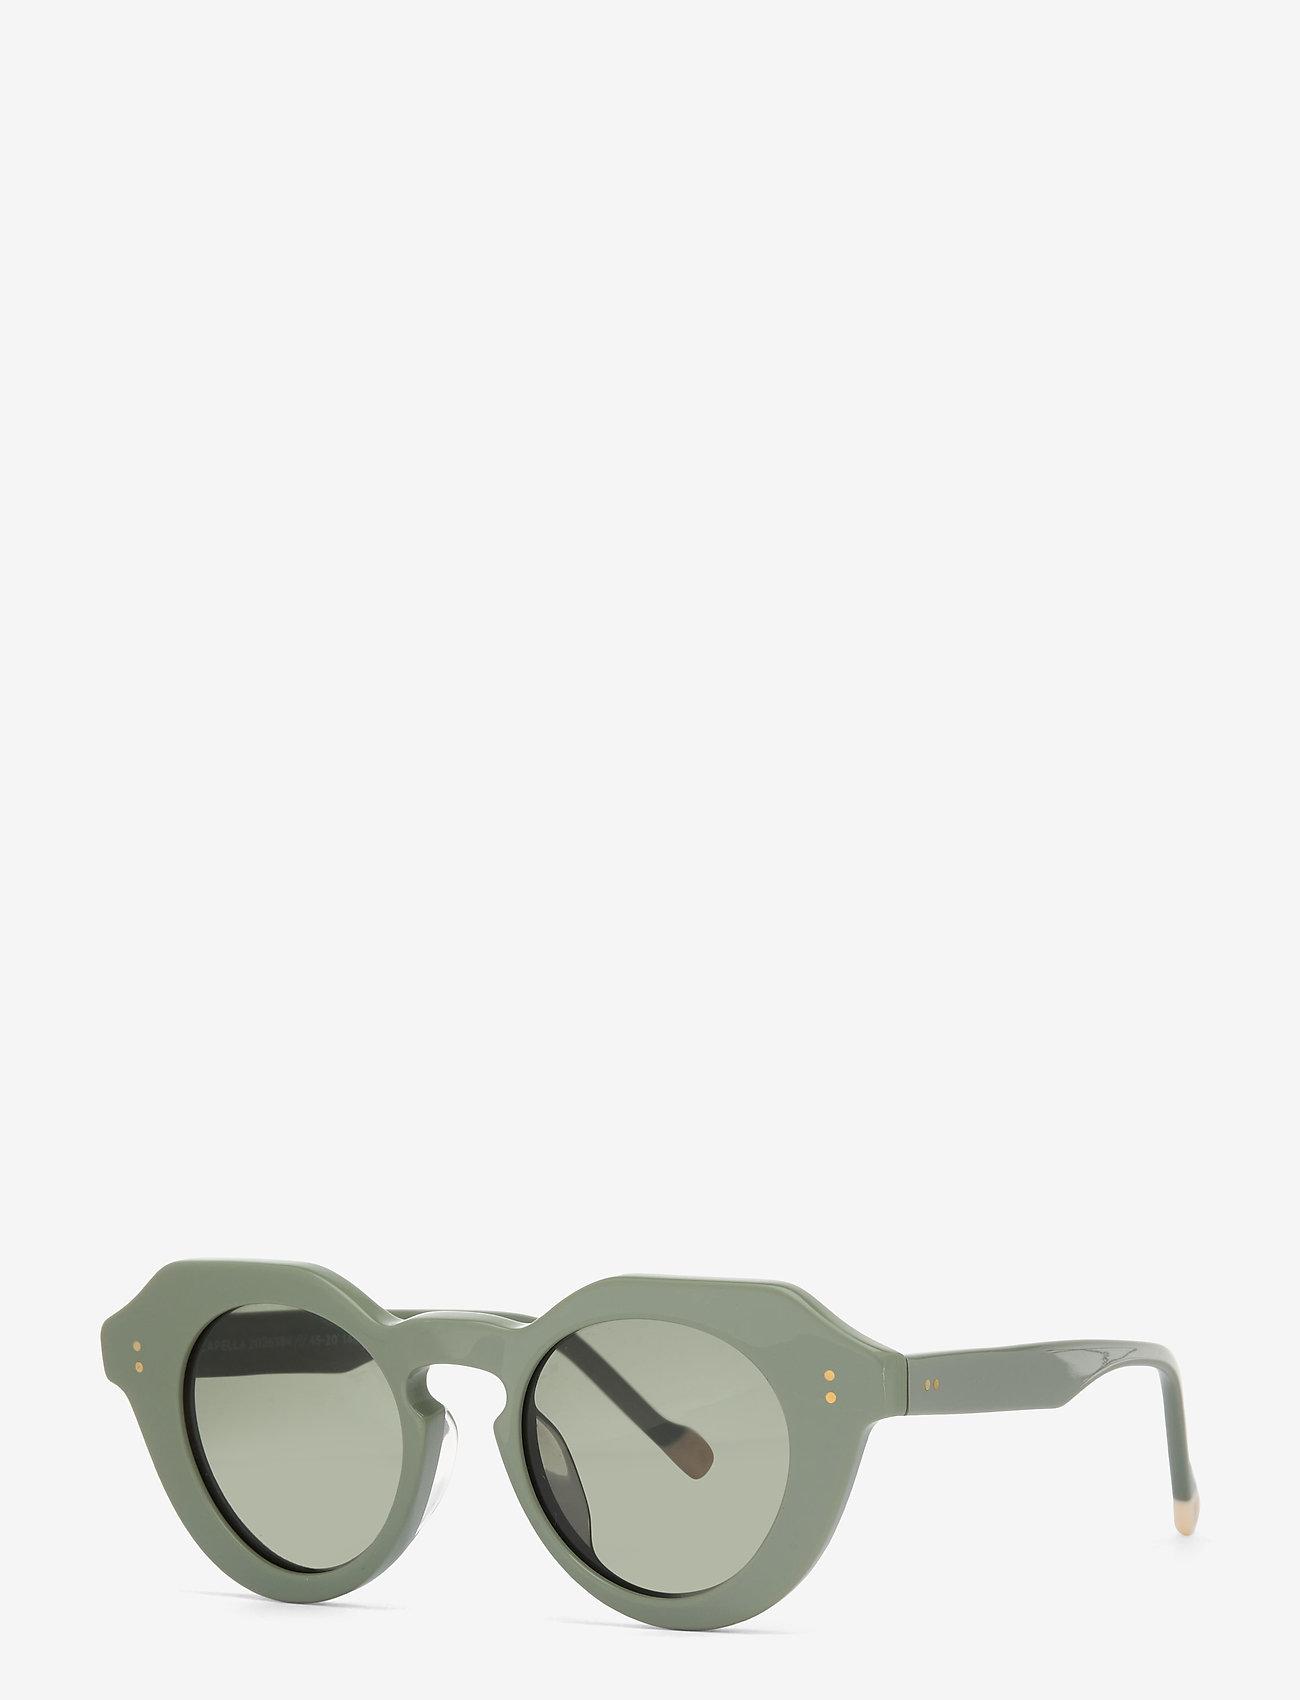 Le Specs - LE SPECS HANDMADE/RX - CAPELLA - rond model - sage putty w/ khaki mono - 0